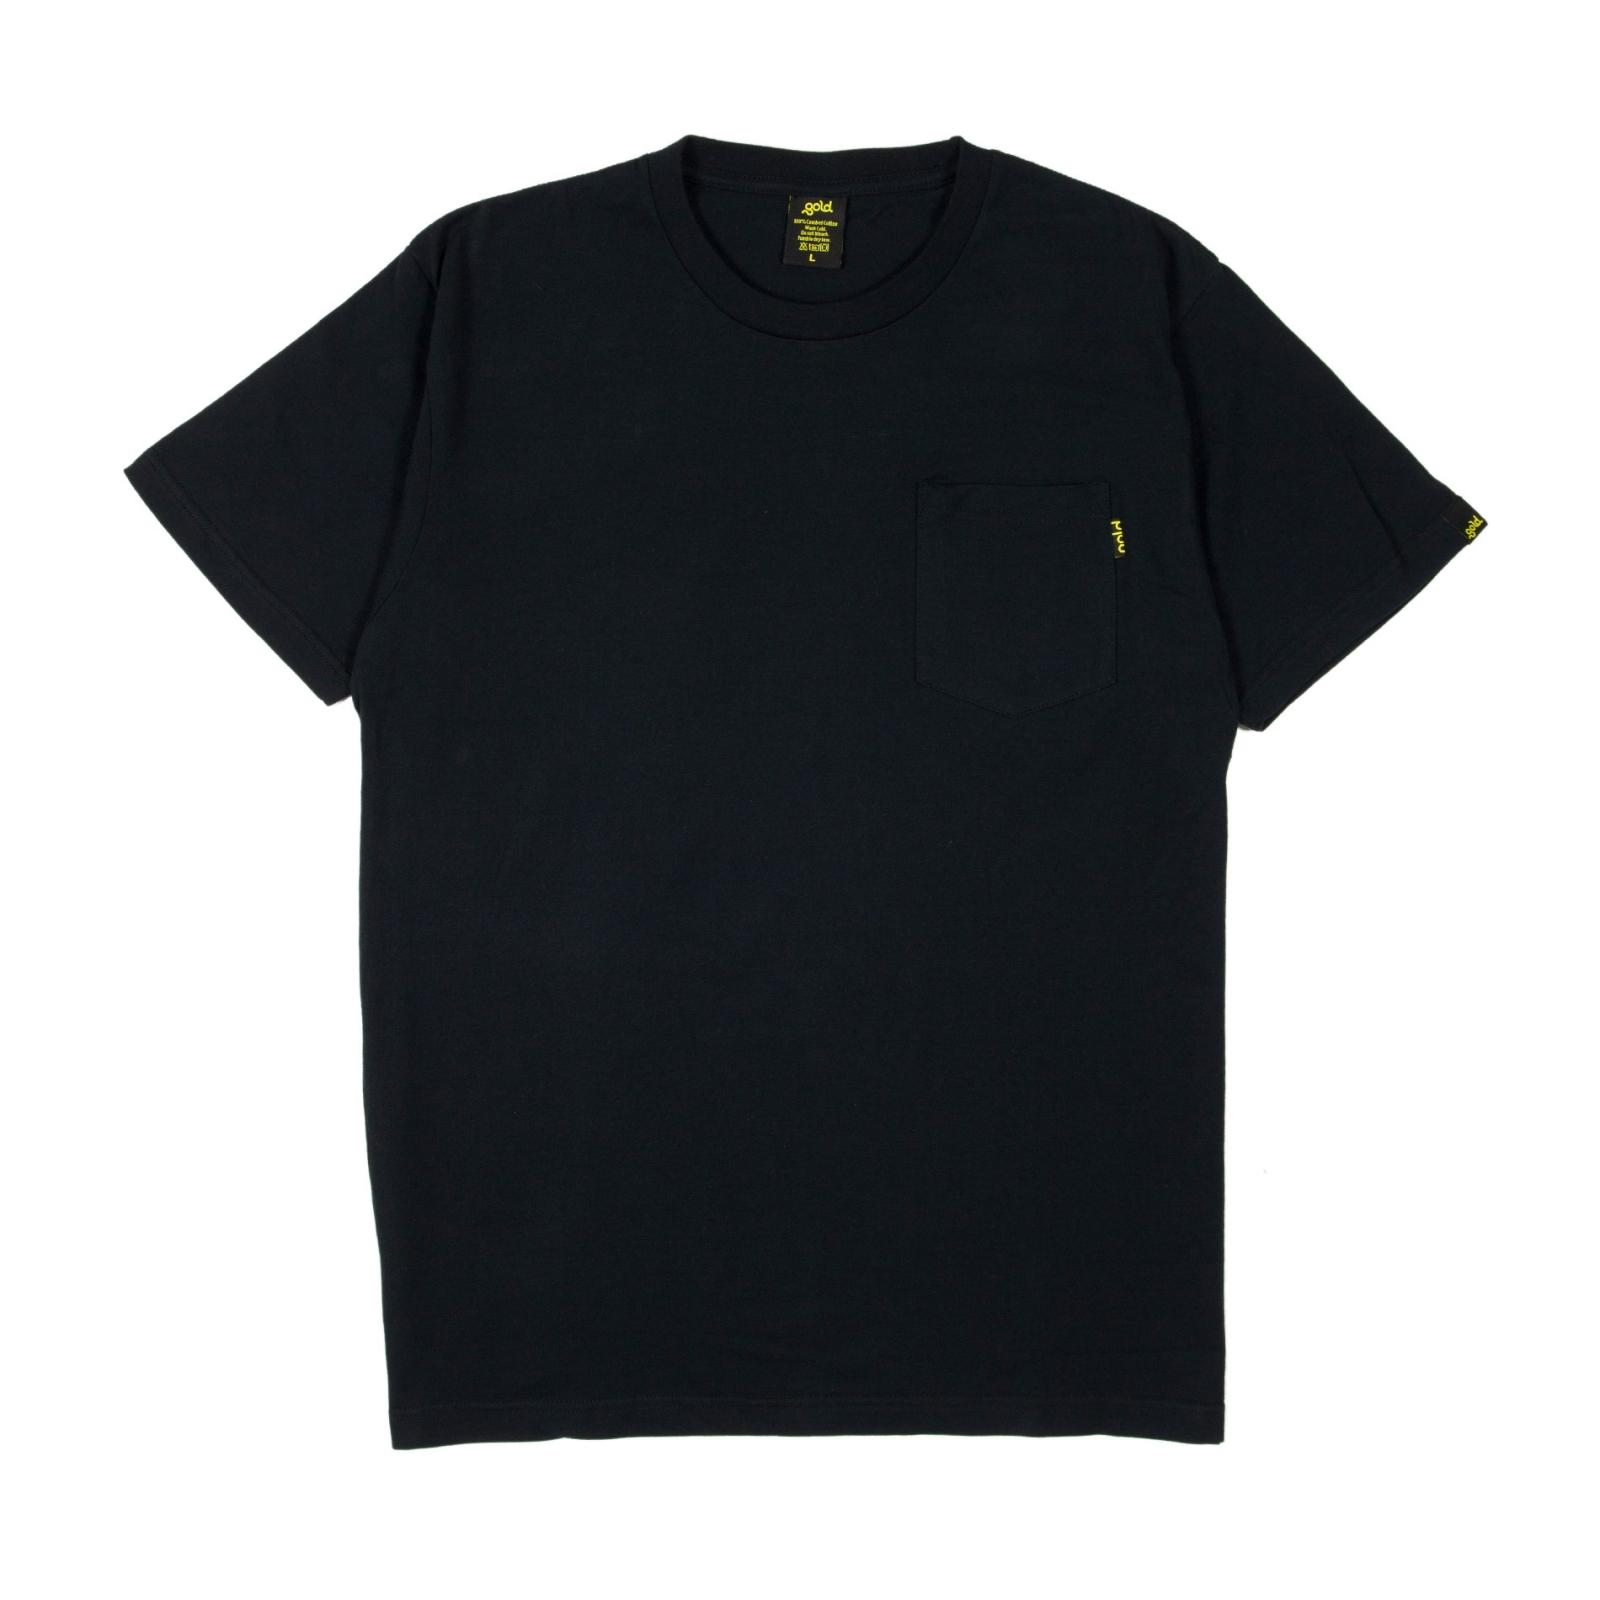 size 40 6ed88 ce32a Gold T-Shirt Uomo Nera con taschino nero